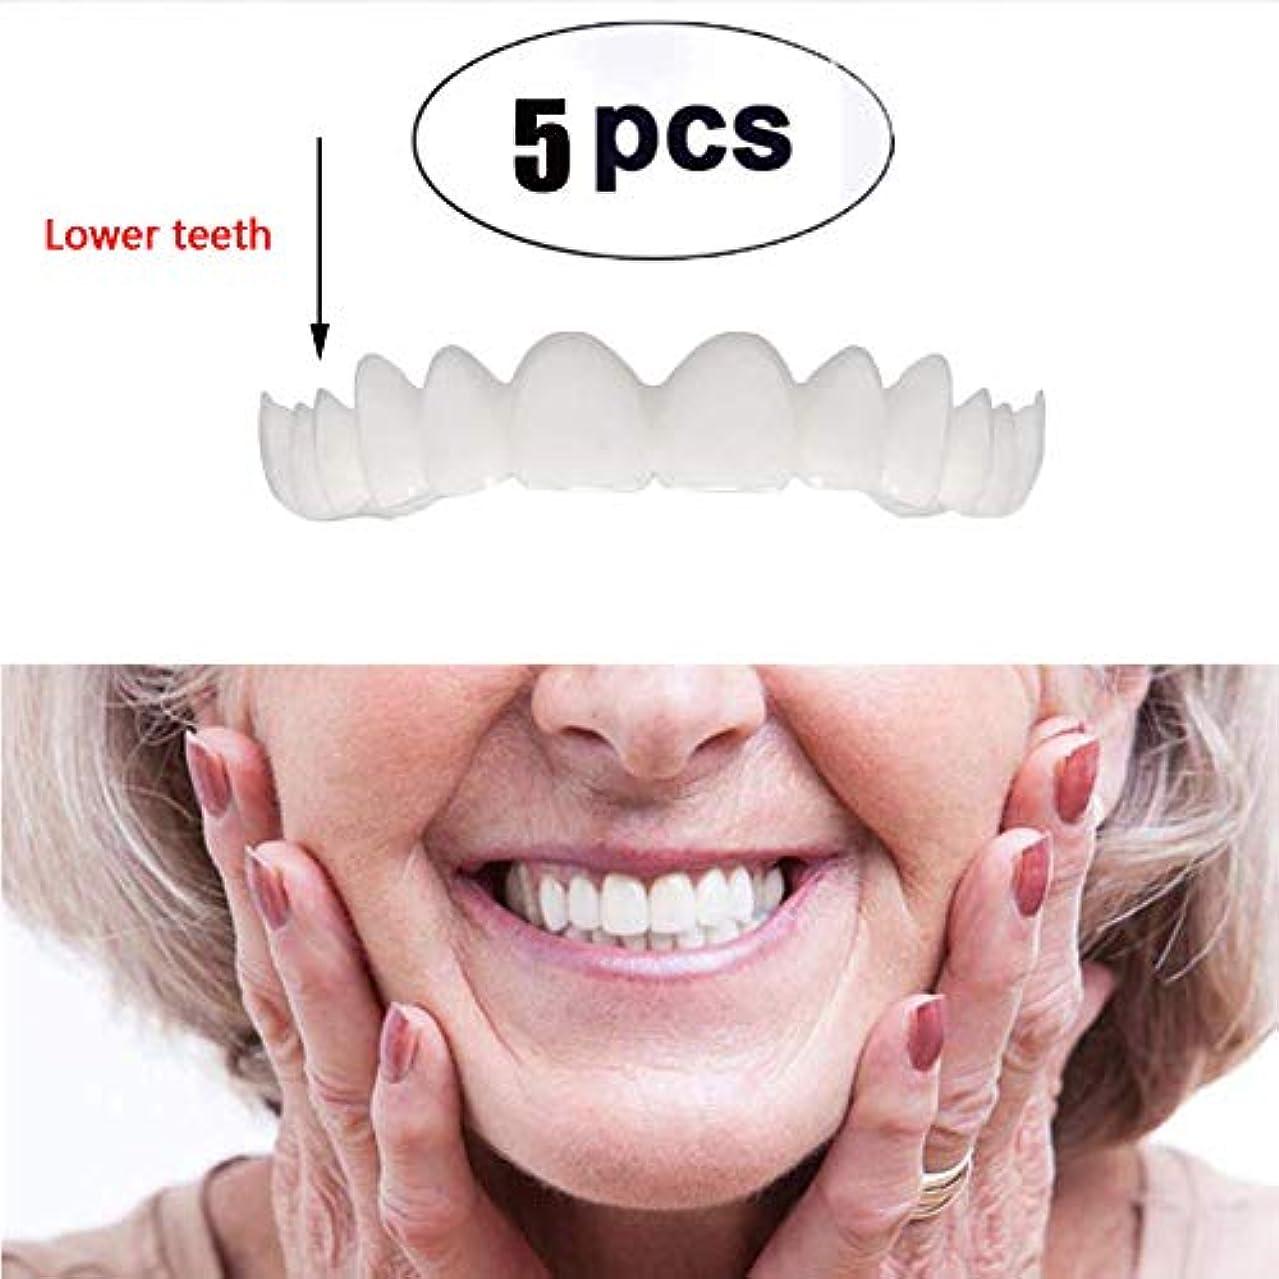 小さい不調和山岳5ピース下の歯一時的な化粧品の歯化粧品模擬ブレースホワイトニング歯スナップキャップインスタント快適なフレックスパーフェクトベニア